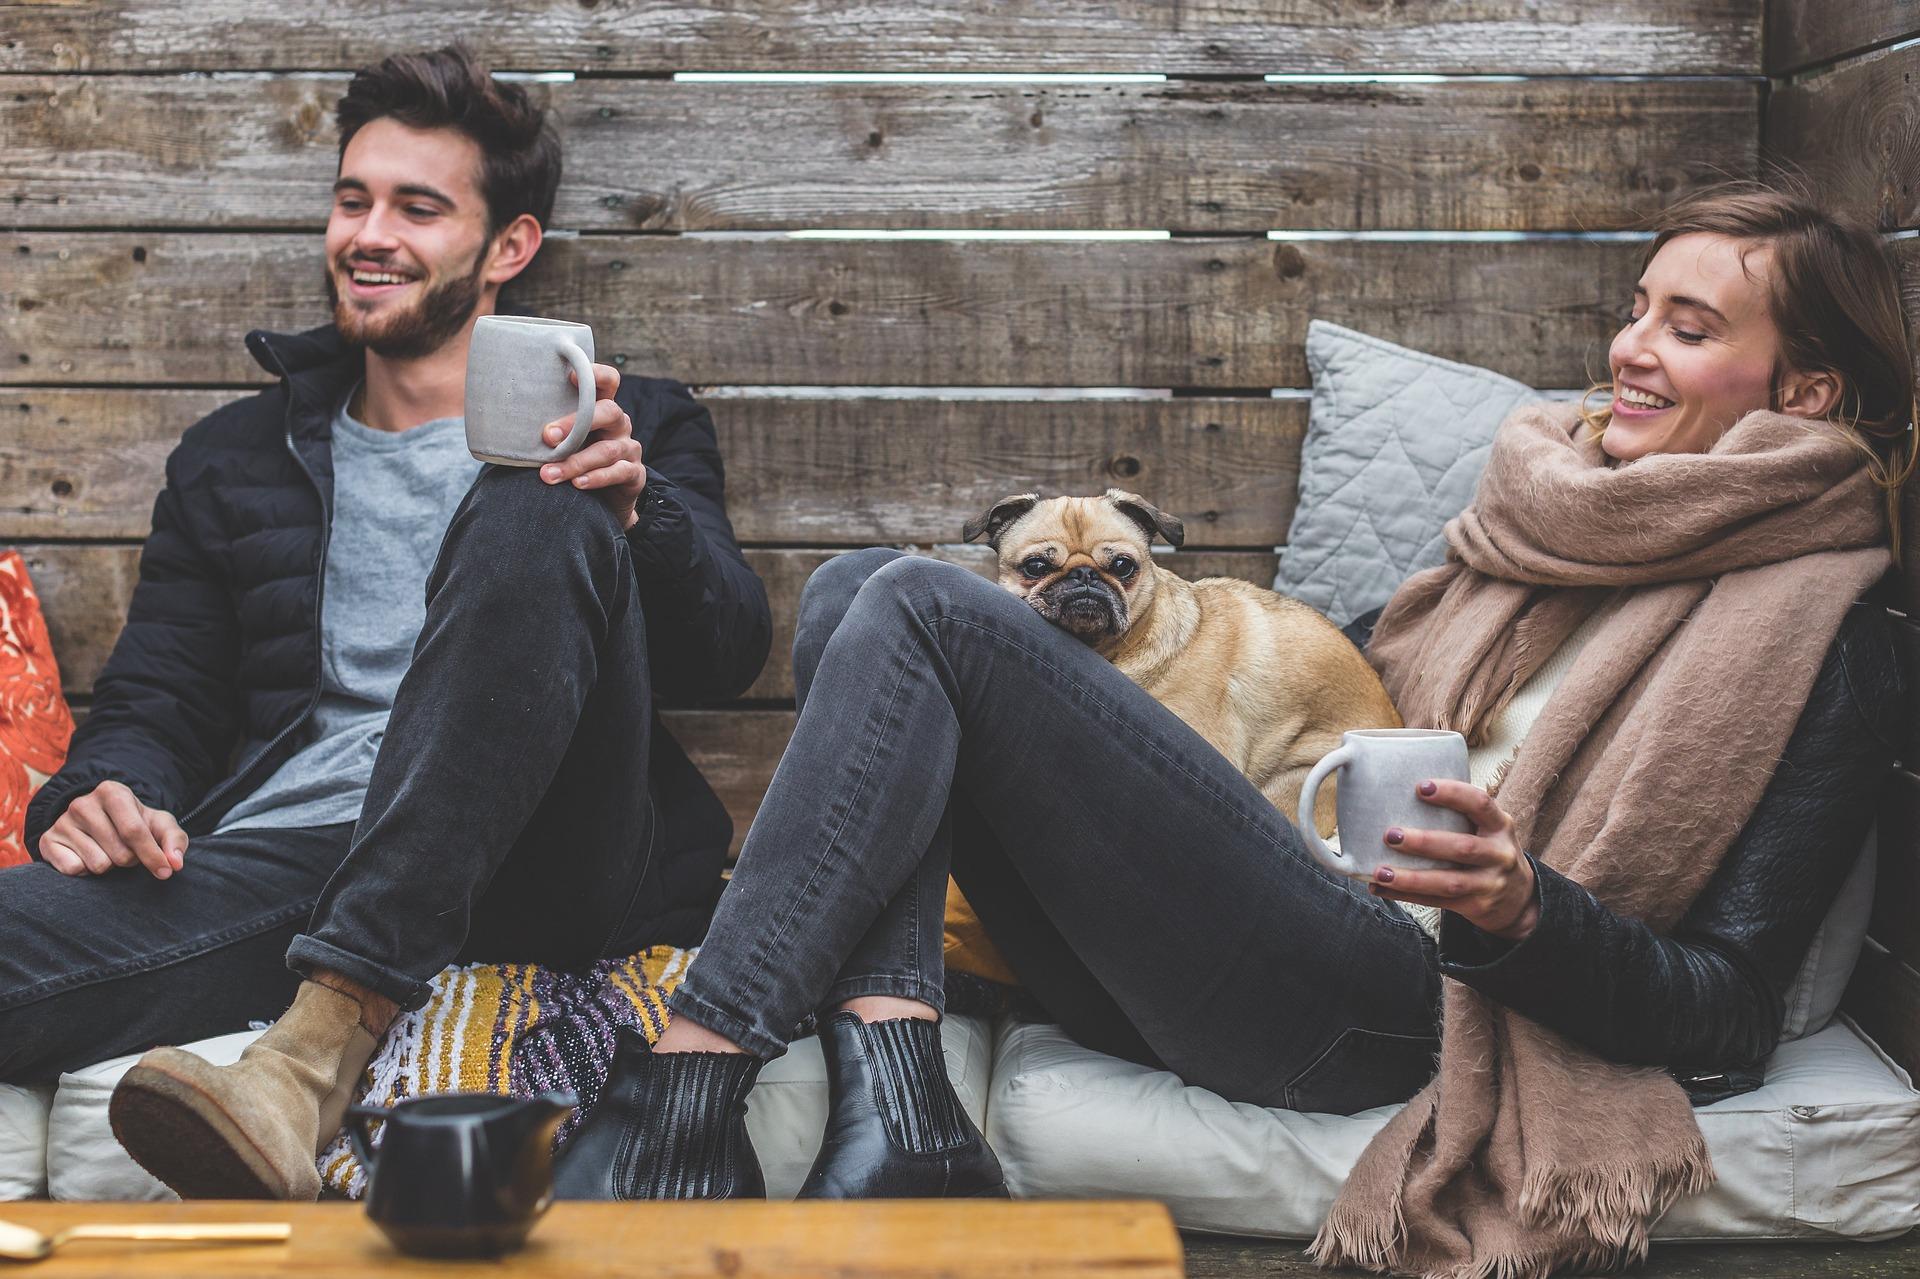 家で映画を観るカップルの画像